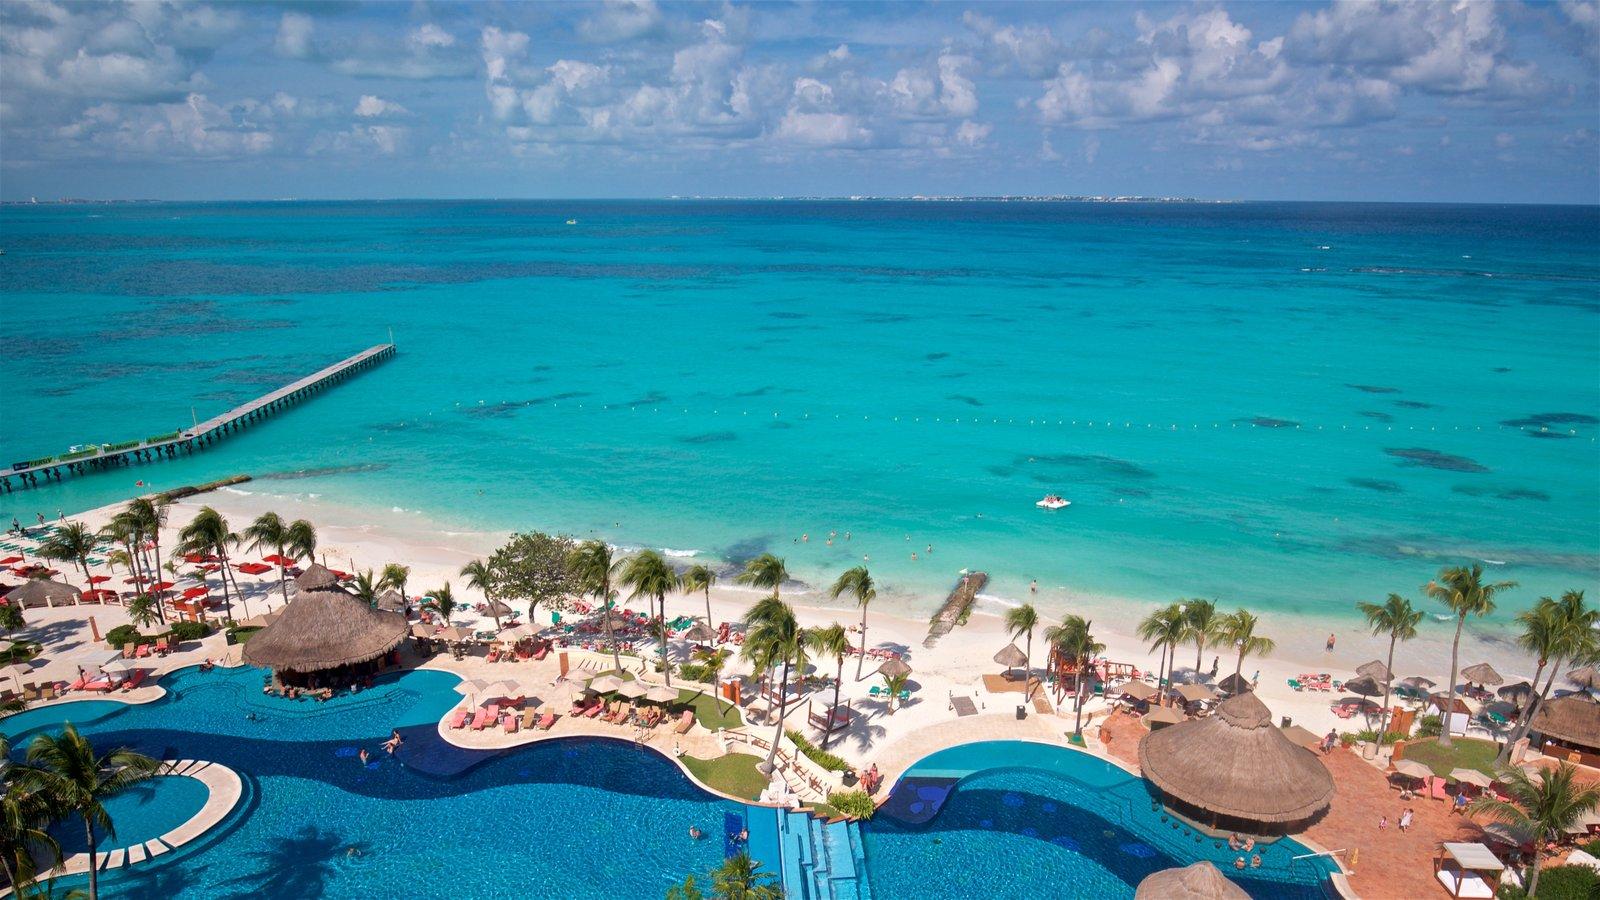 Cancún que incluye escenas tropicales, vistas de paisajes y una alberca